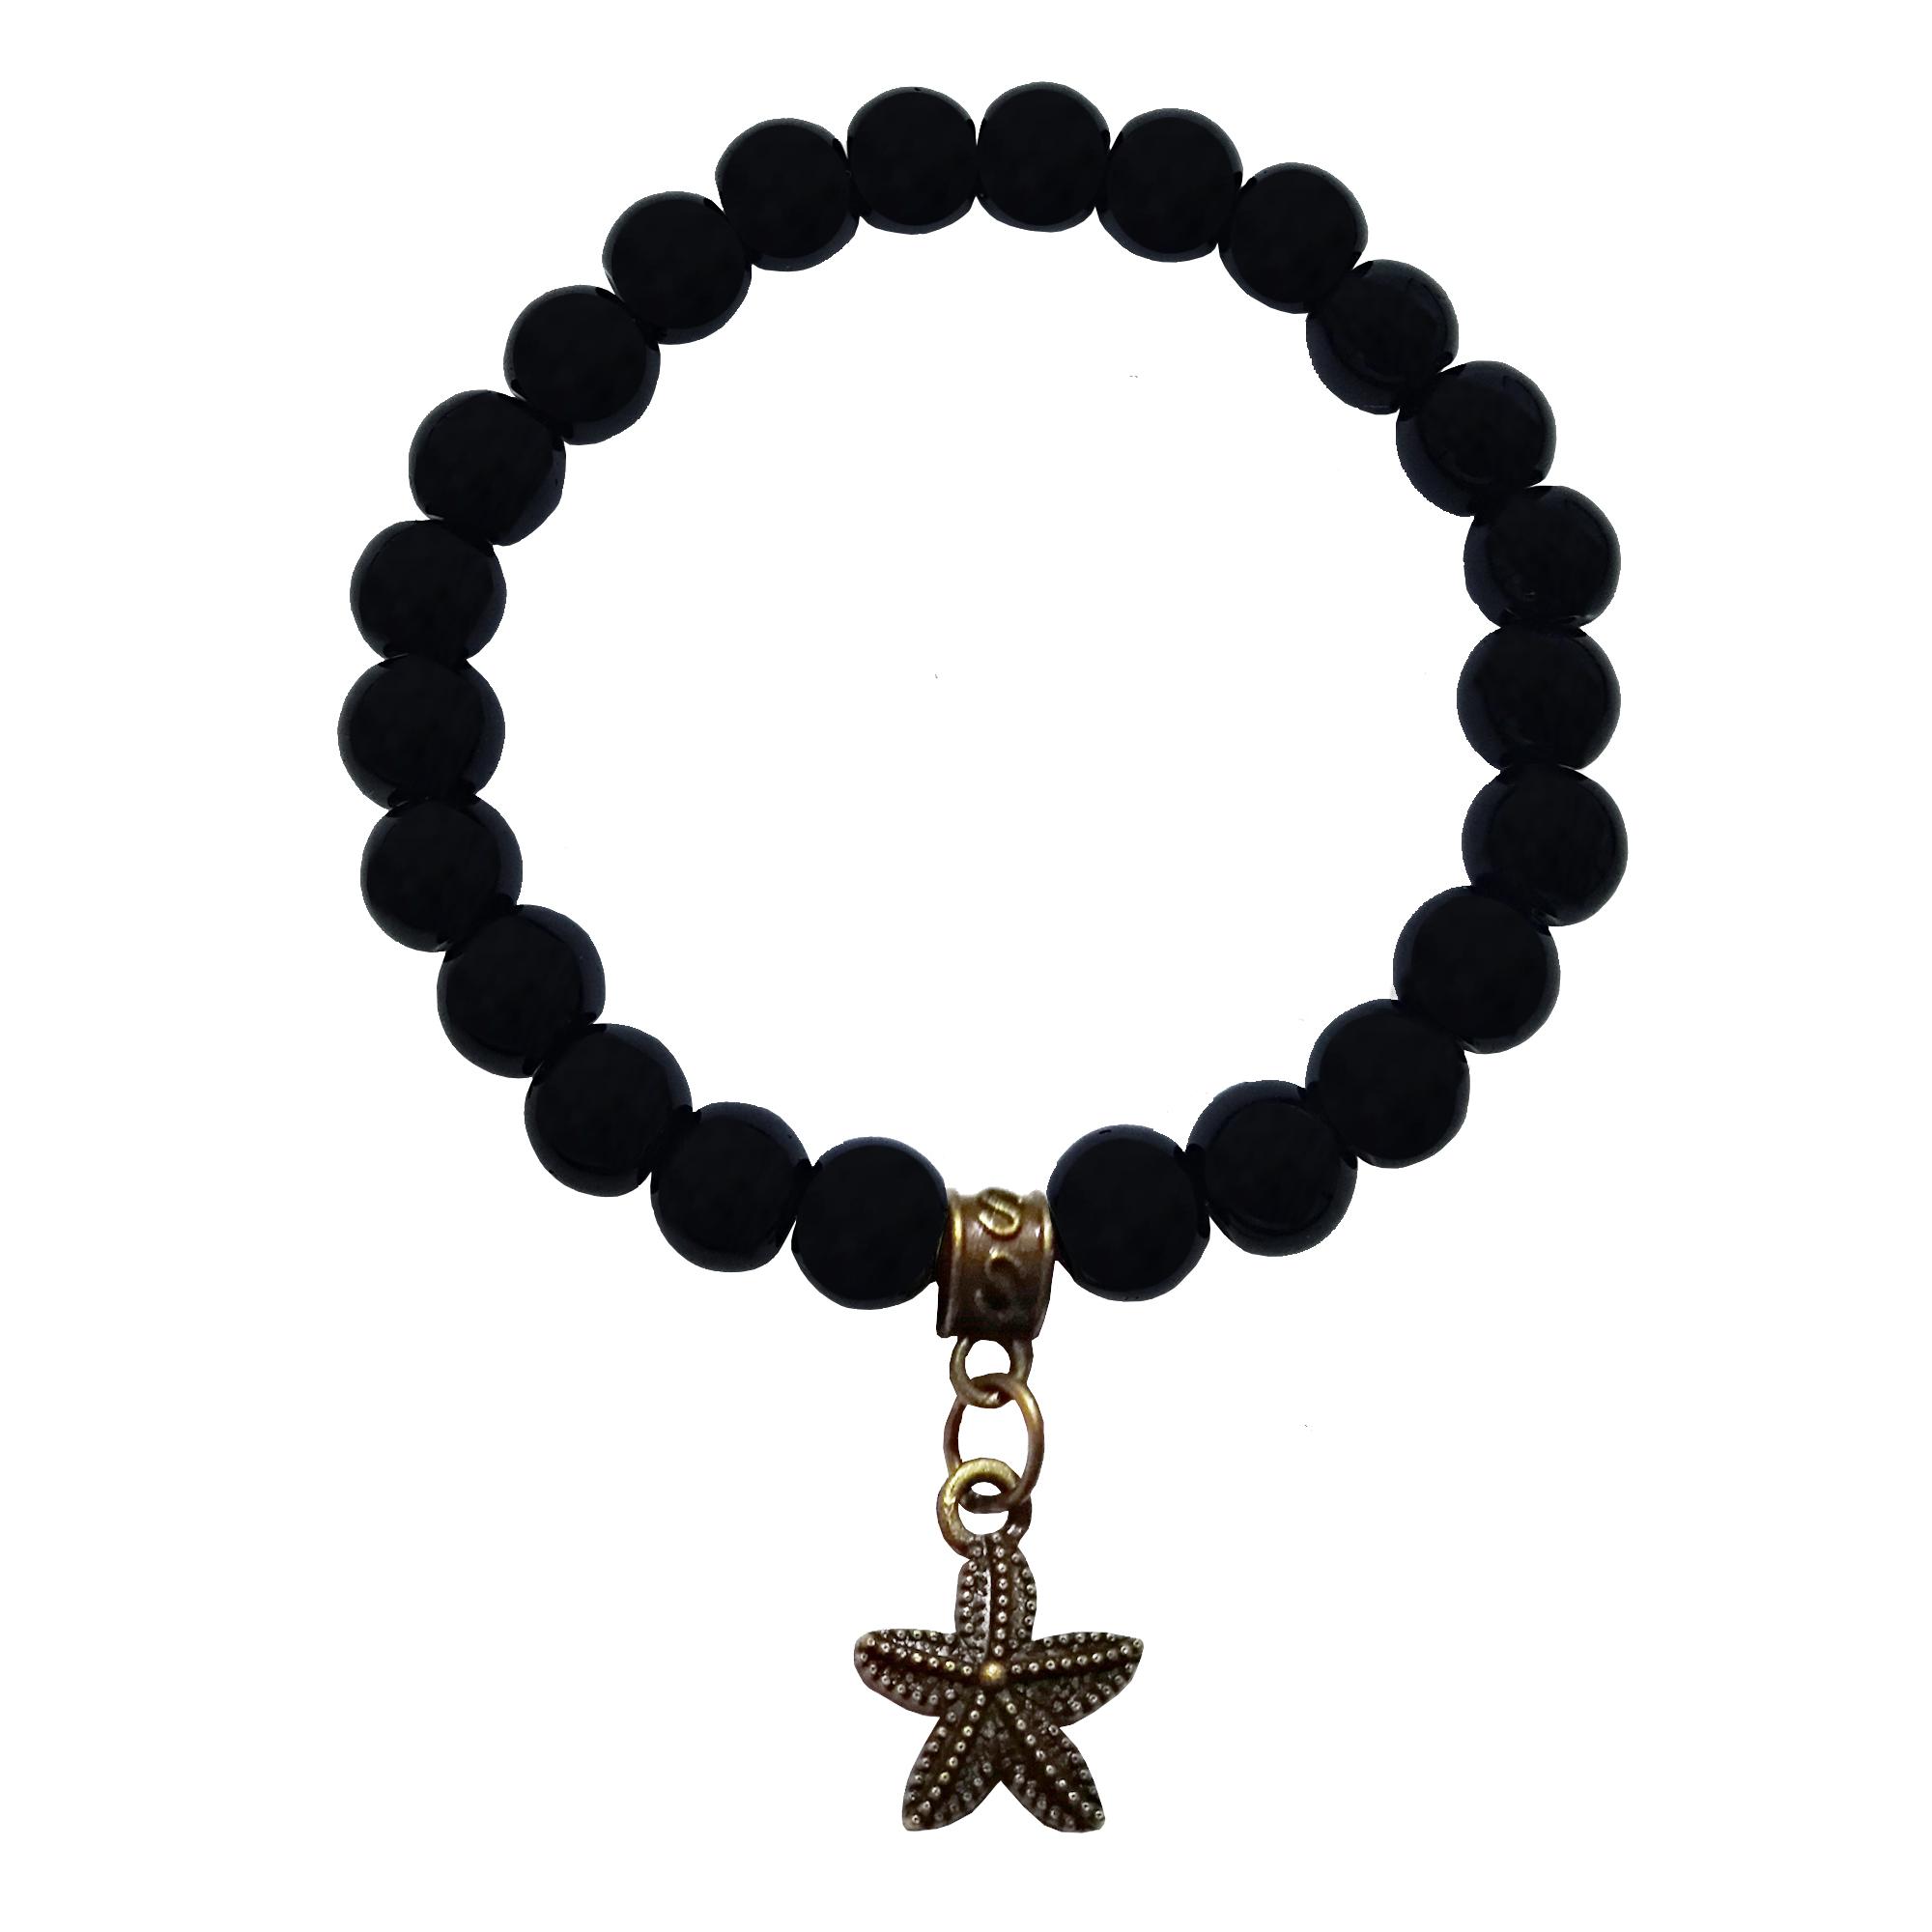 عکس دستبند زنانه لاچو طرح ستاره دریایی کد 2020